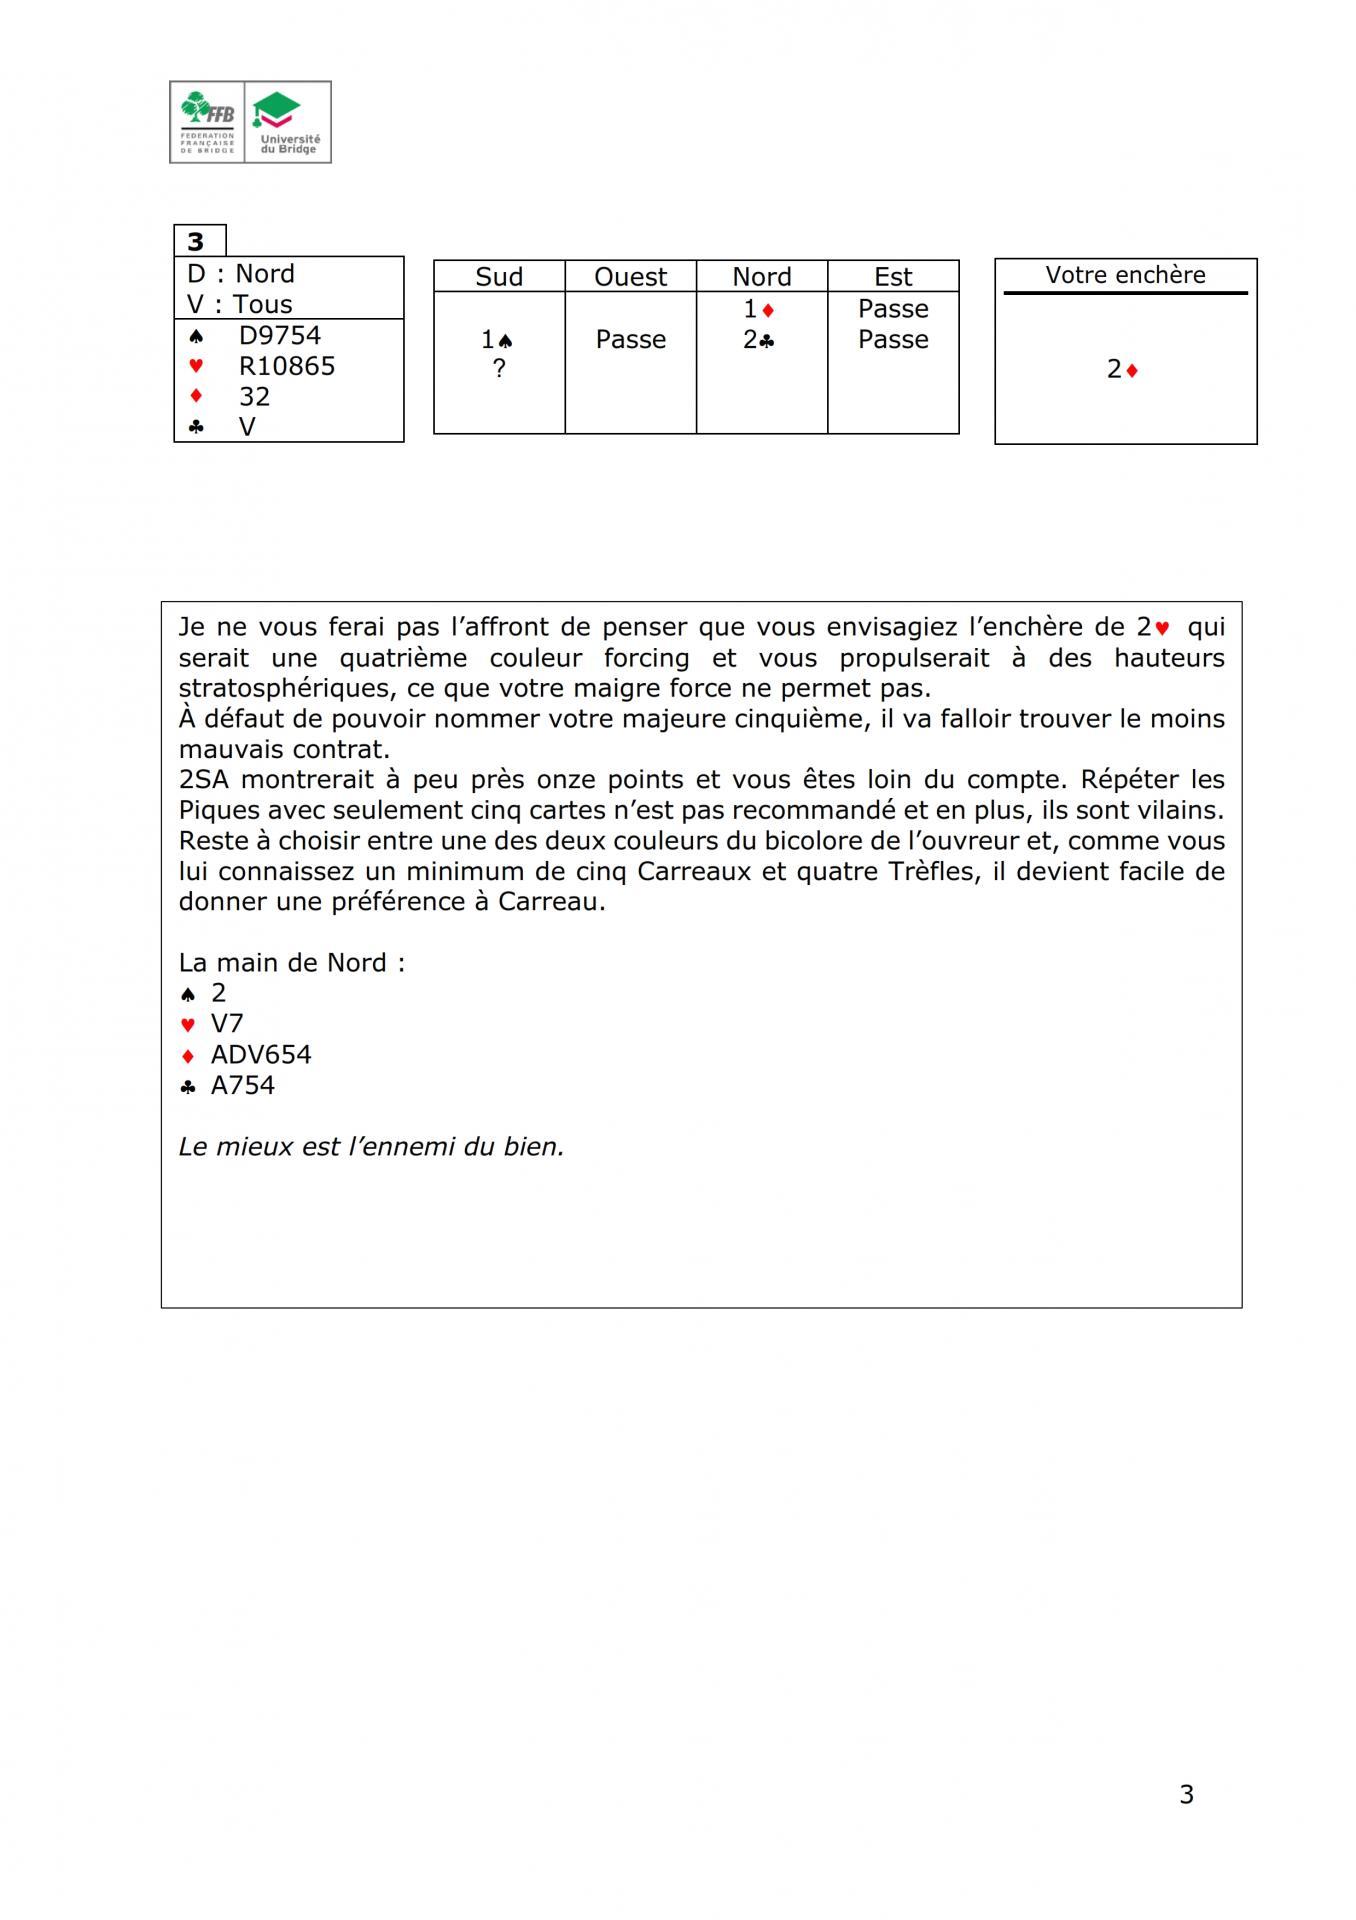 Formation continue des moniteurs solutions mars2020 003